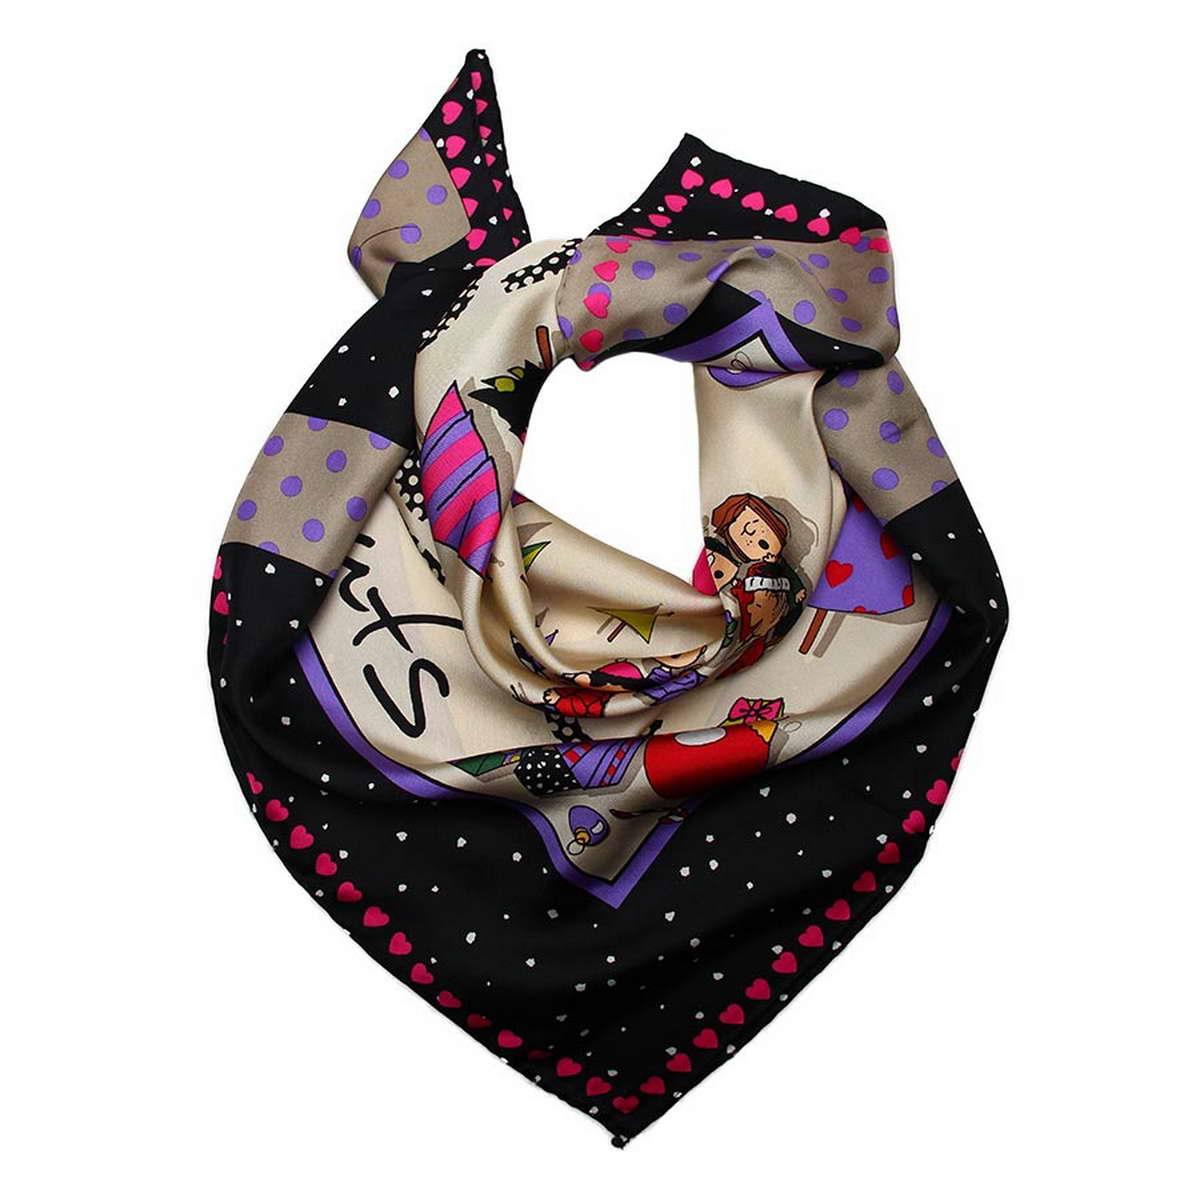 1800971-6Стильный женский платок Codello изготовлен из натурального шелка и оформлен оригинальным принтом. Классическая квадратная форма позволяет носить платок на шее, украшать им прическу или декорировать сумочку. Такой платок превосходно дополнит любой наряд и подчеркнет ваш неповторимый вкус и элегантность.